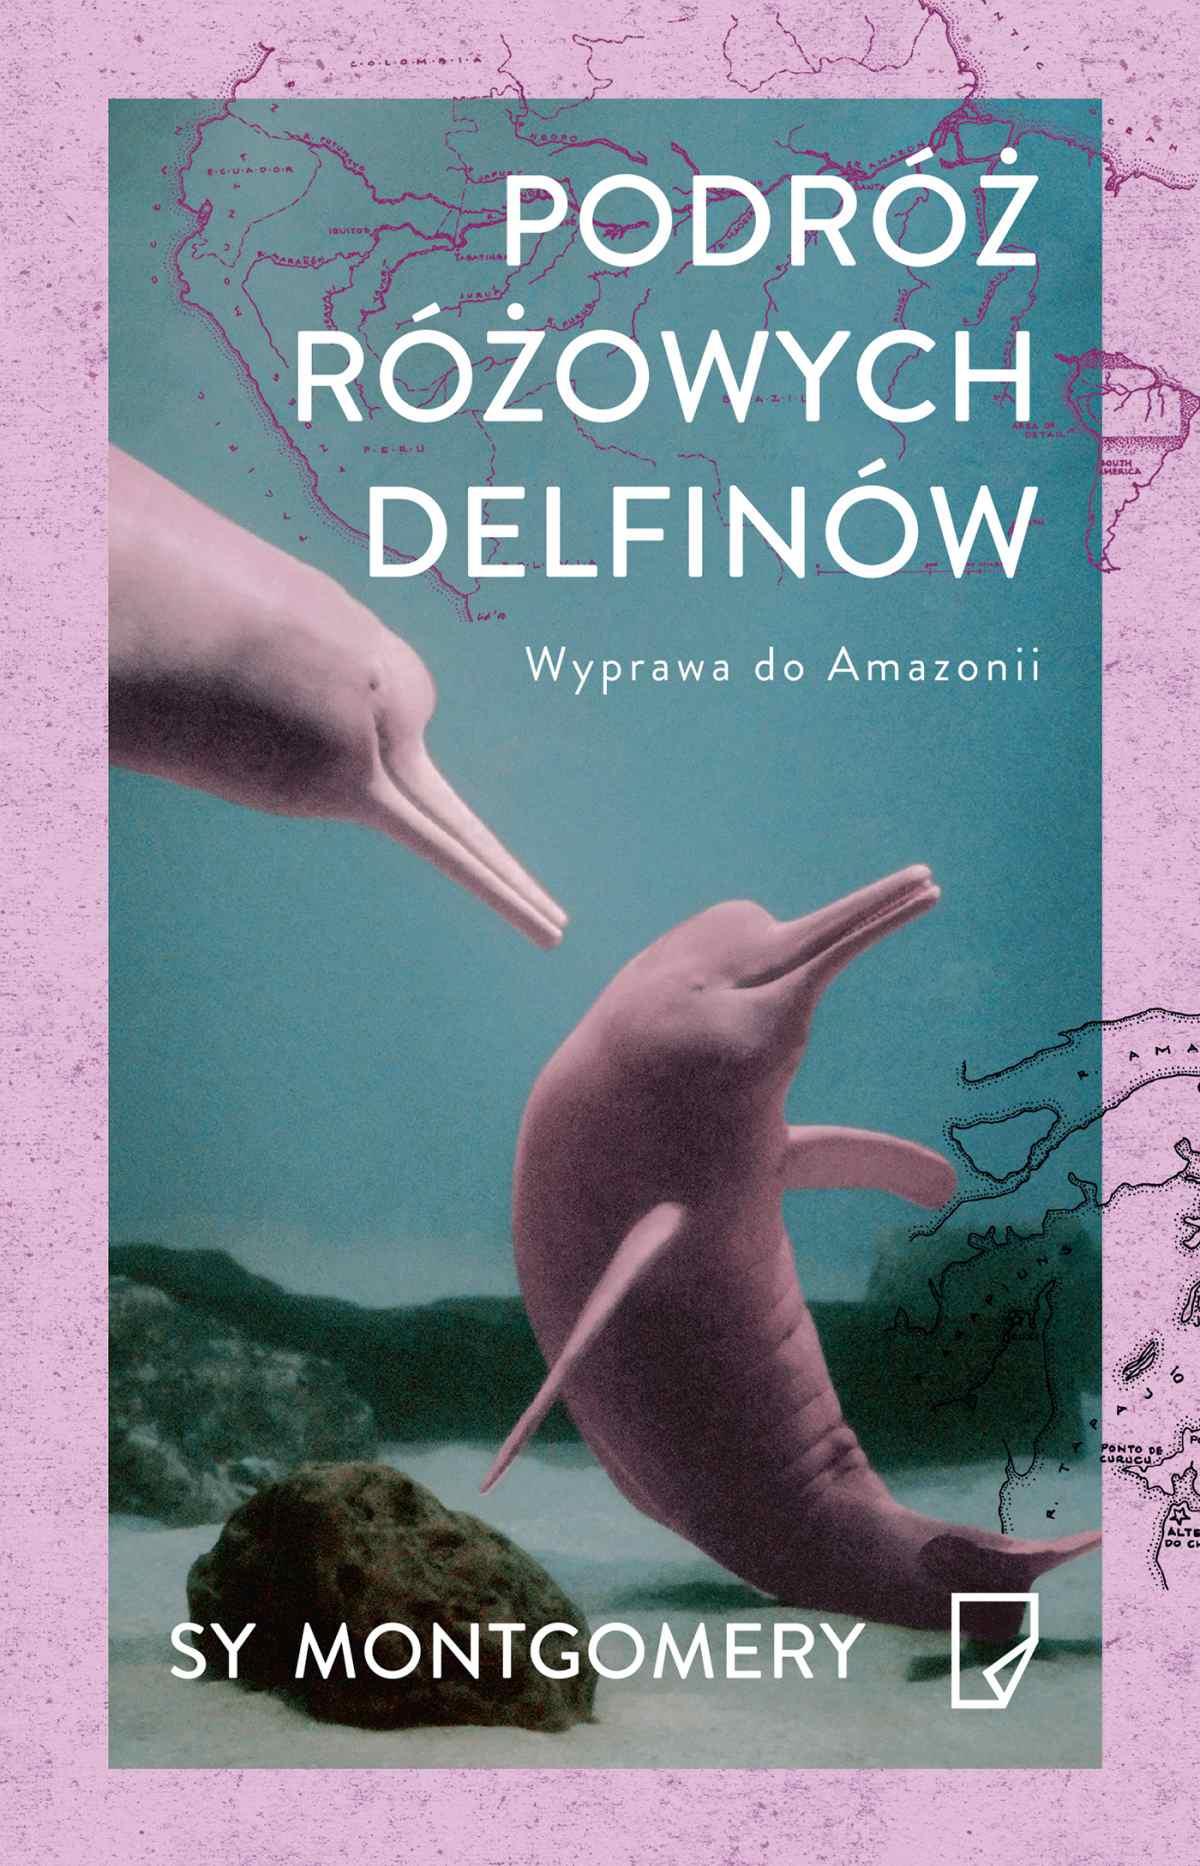 Podróż różowych delfinów. Wyprawa do Amazonii - Ebook (Książka EPUB) do pobrania w formacie EPUB